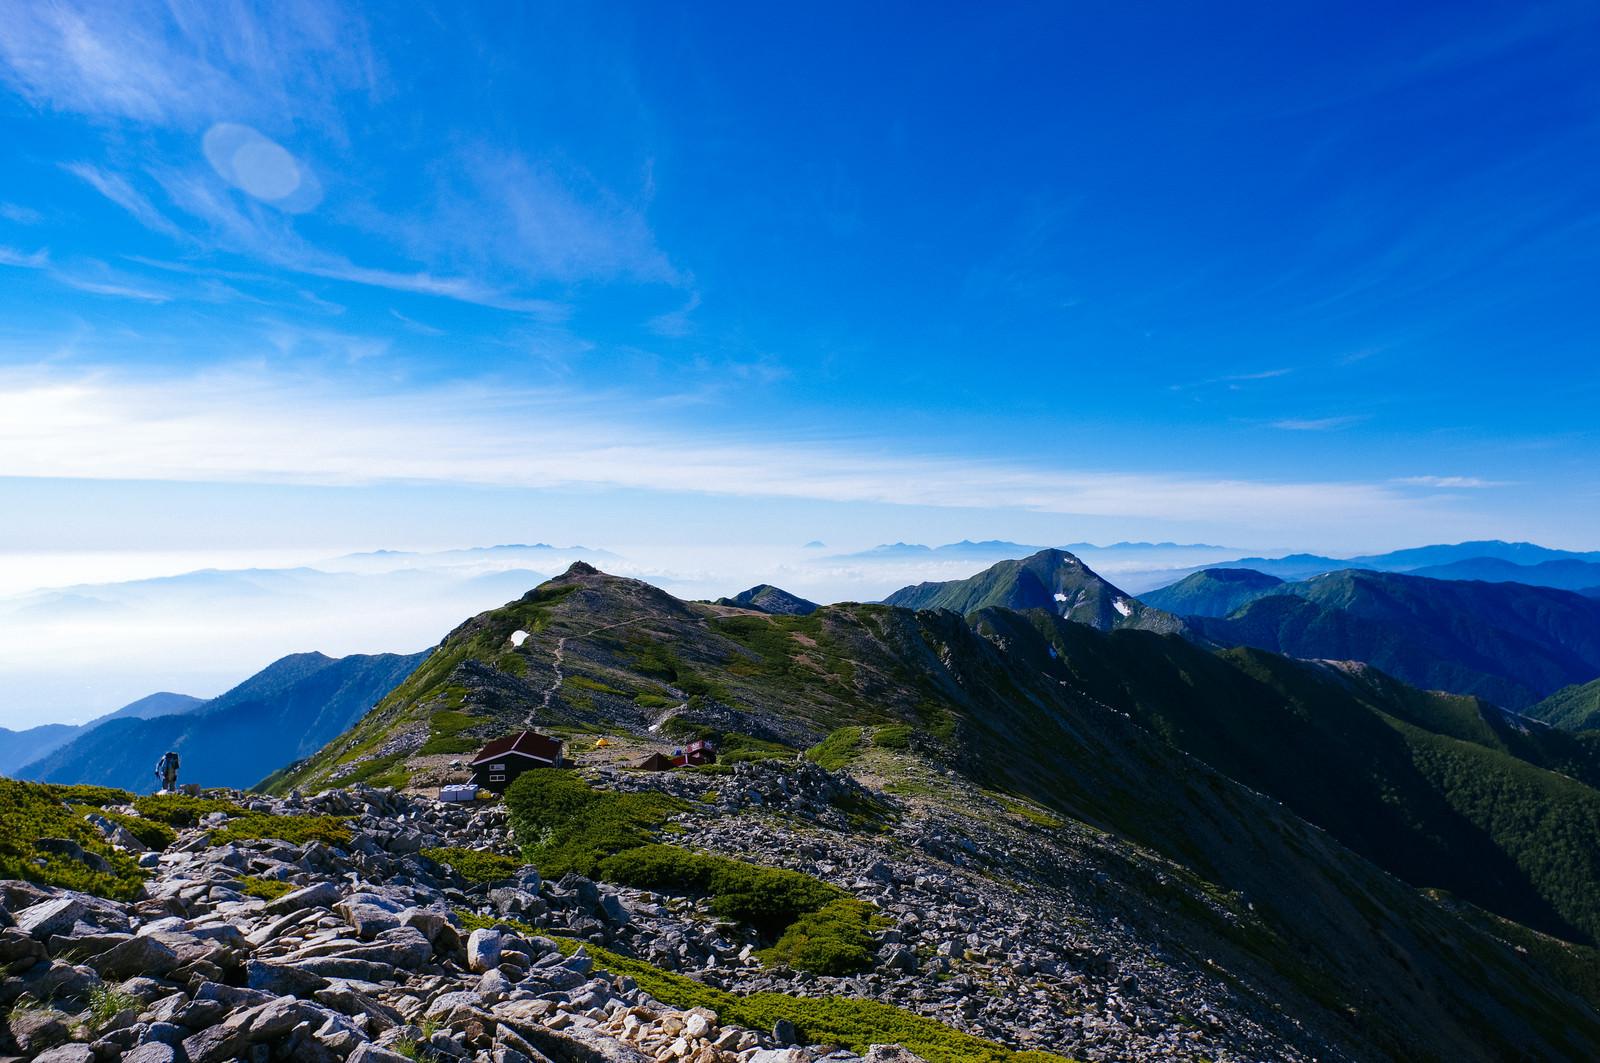 「大天井岳山頂から見る大天井岳の山荘(常念岳)」の写真